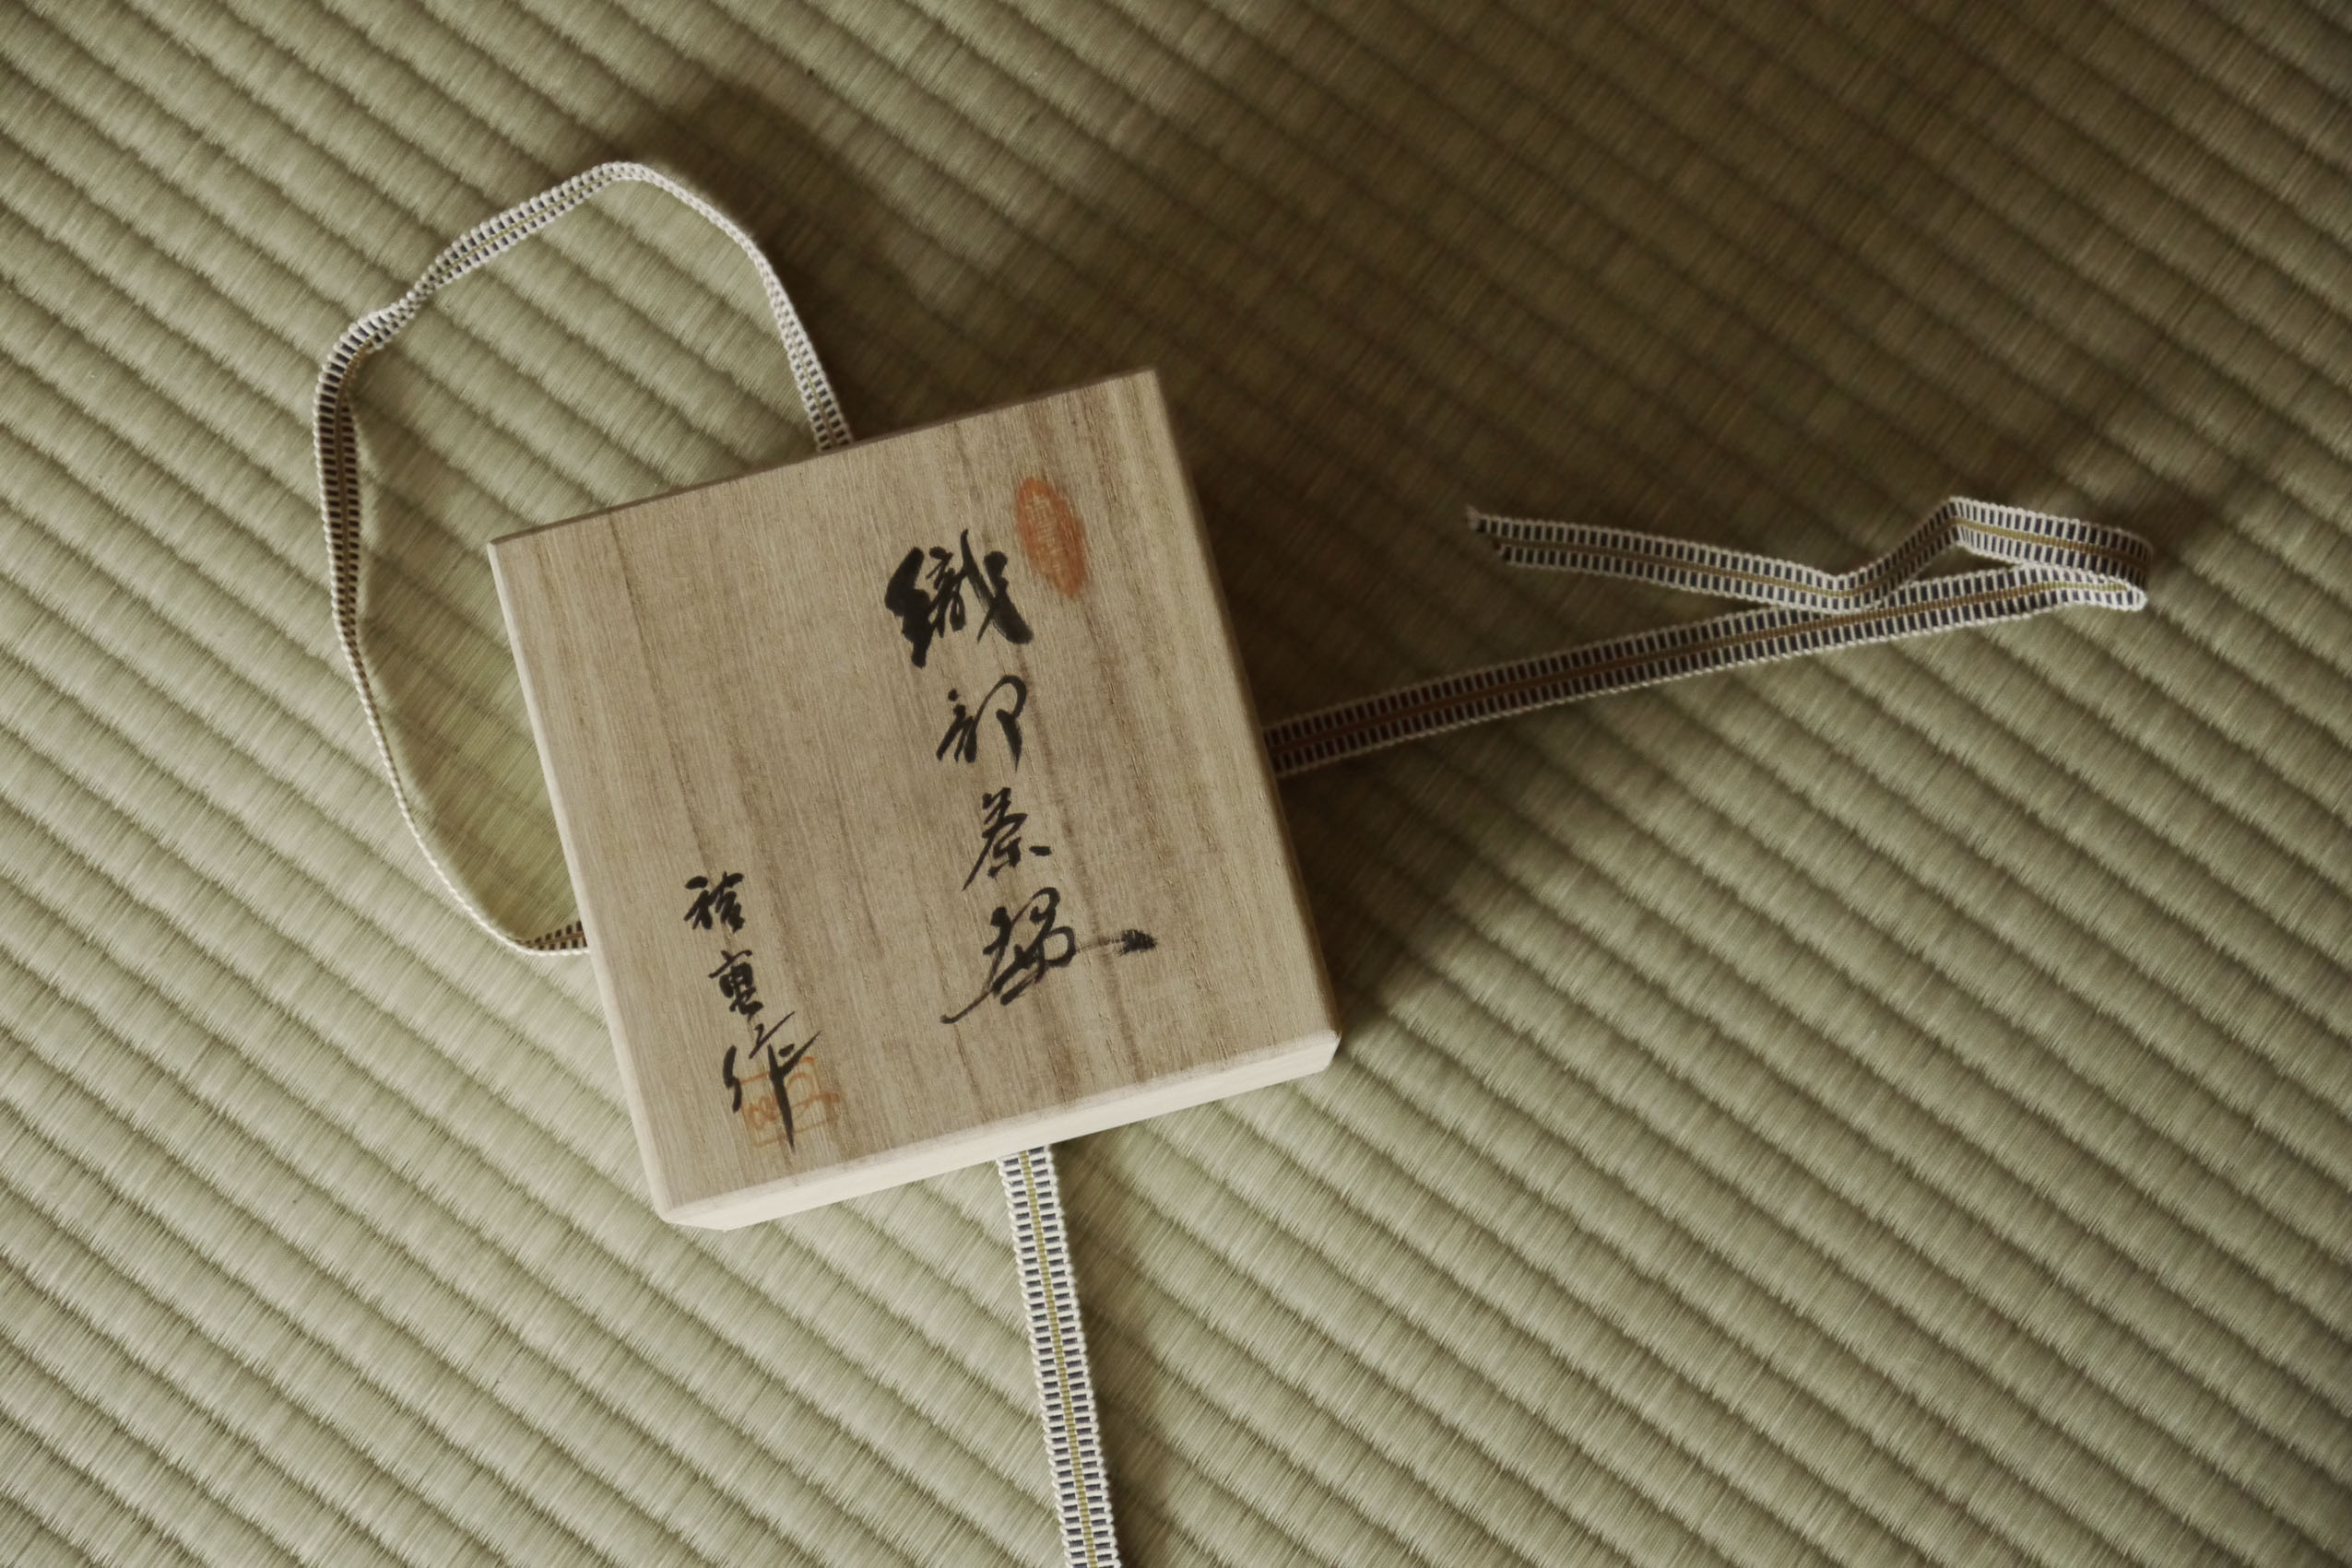 Vom Enkel beschriftete Holzschachtel für die Matchaschale des Großvaters